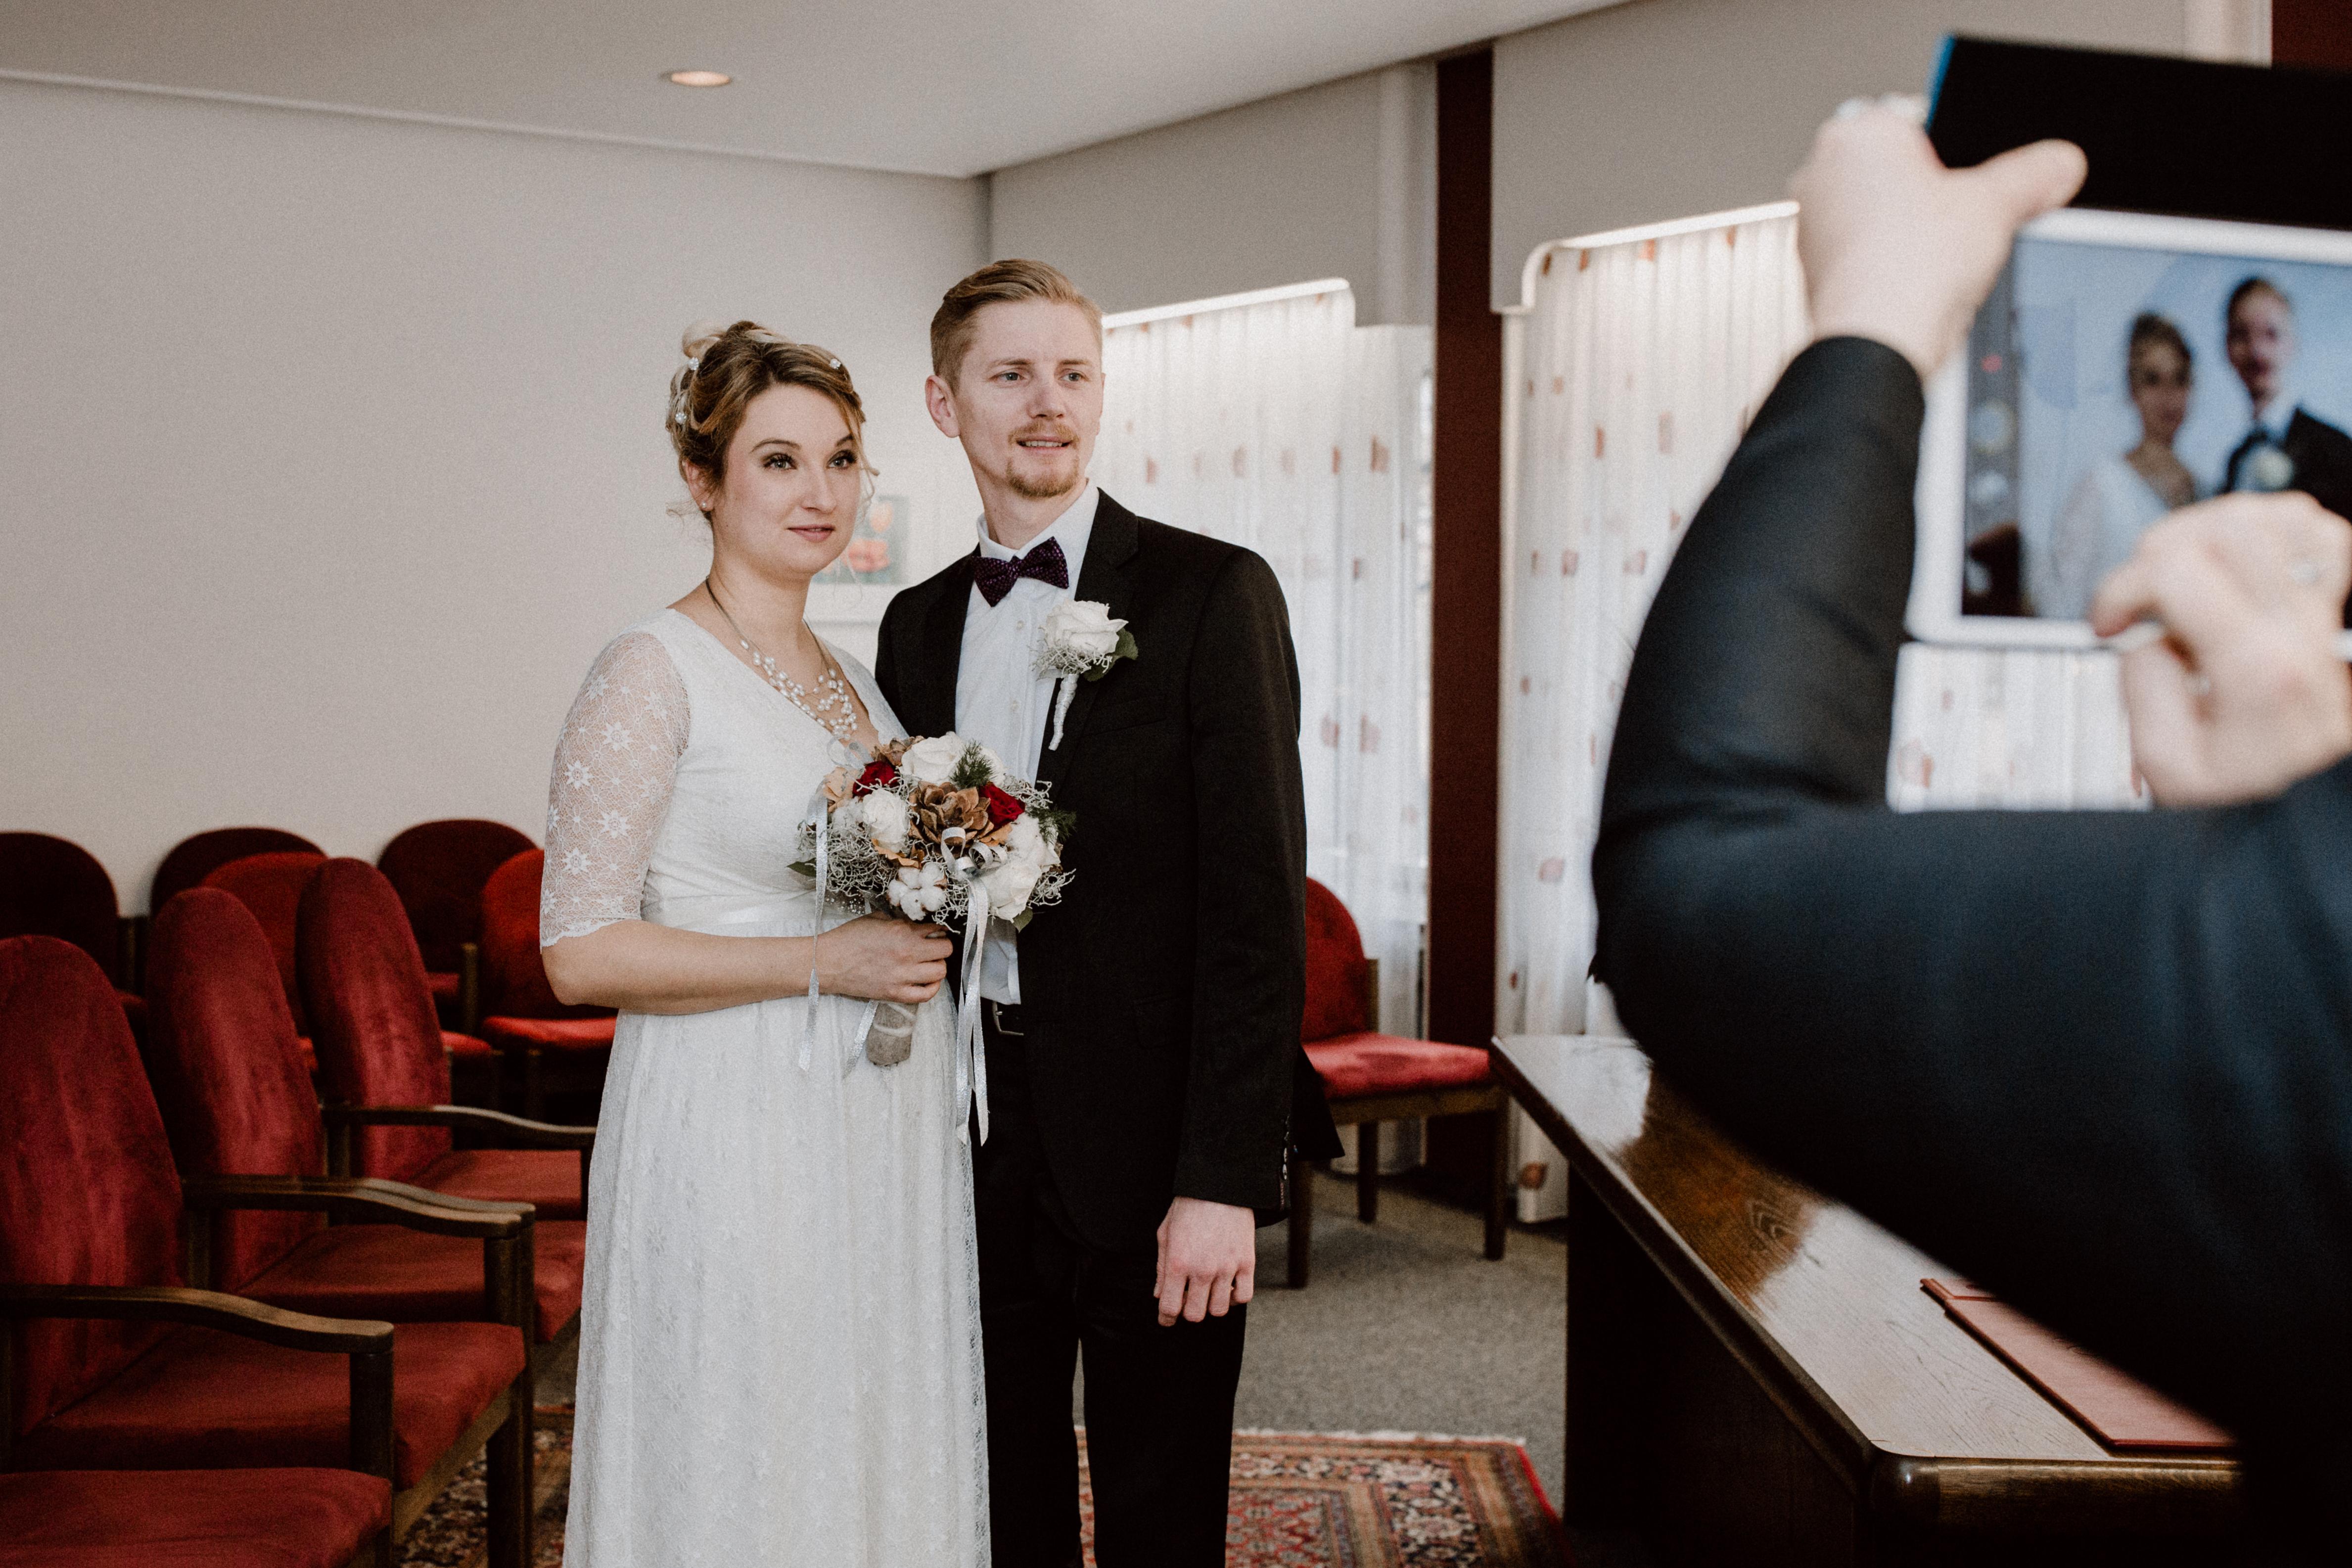 URBANERIE_Daniela_Goth_Hochzeitsfotografin_Nürnberg_Fürth_Erlangen_Schwabach_171110_0235